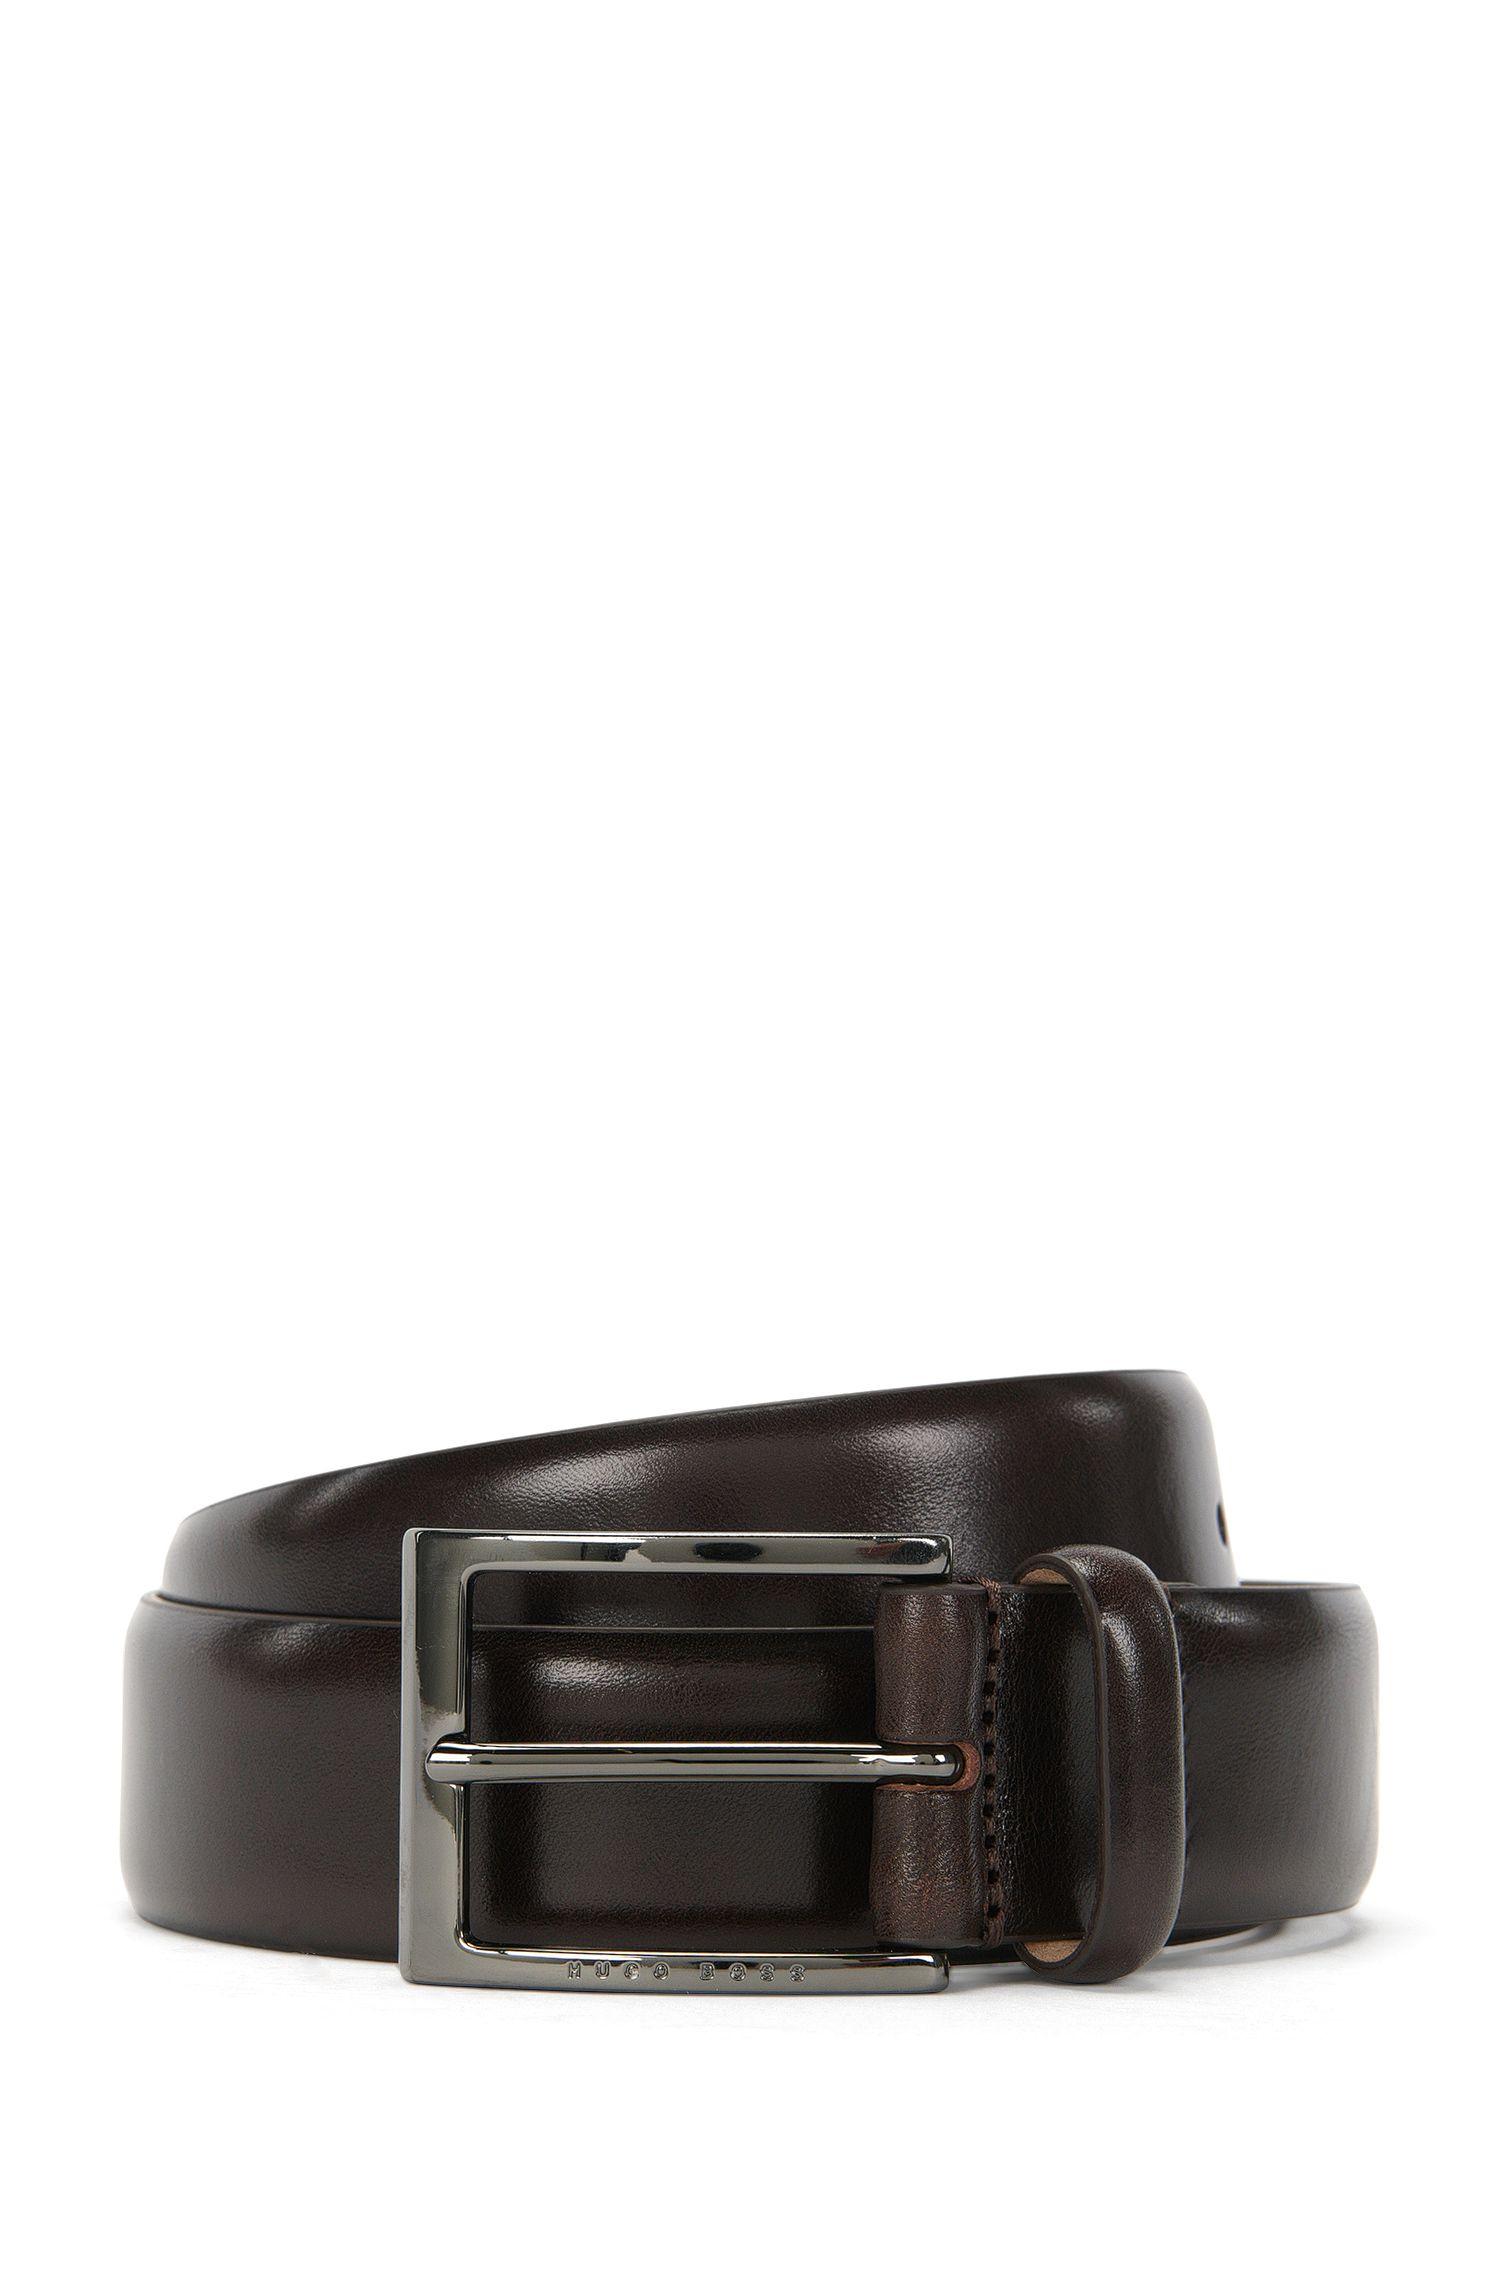 Cinturón de BOSS Tailored en dos tonos en piel de curtido vegetal